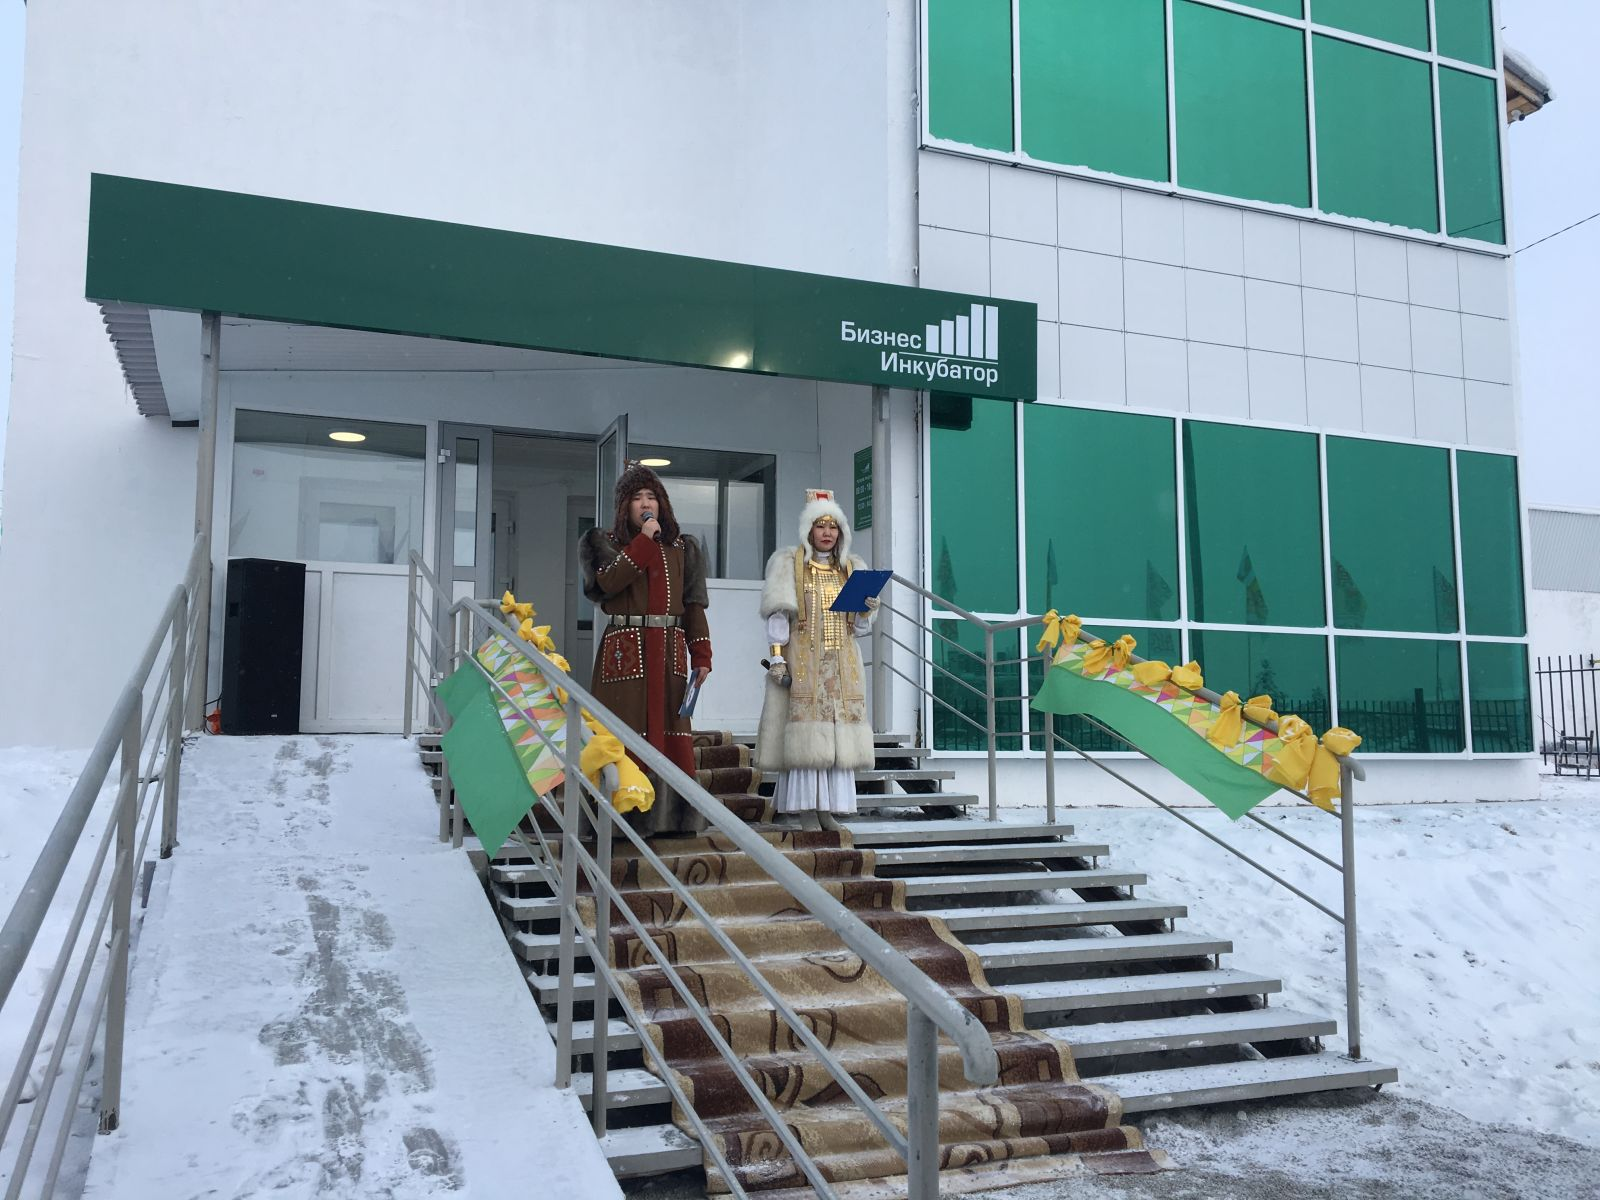 Якутия в числе лидеров по количеству региональных бизнес-инкубаторов